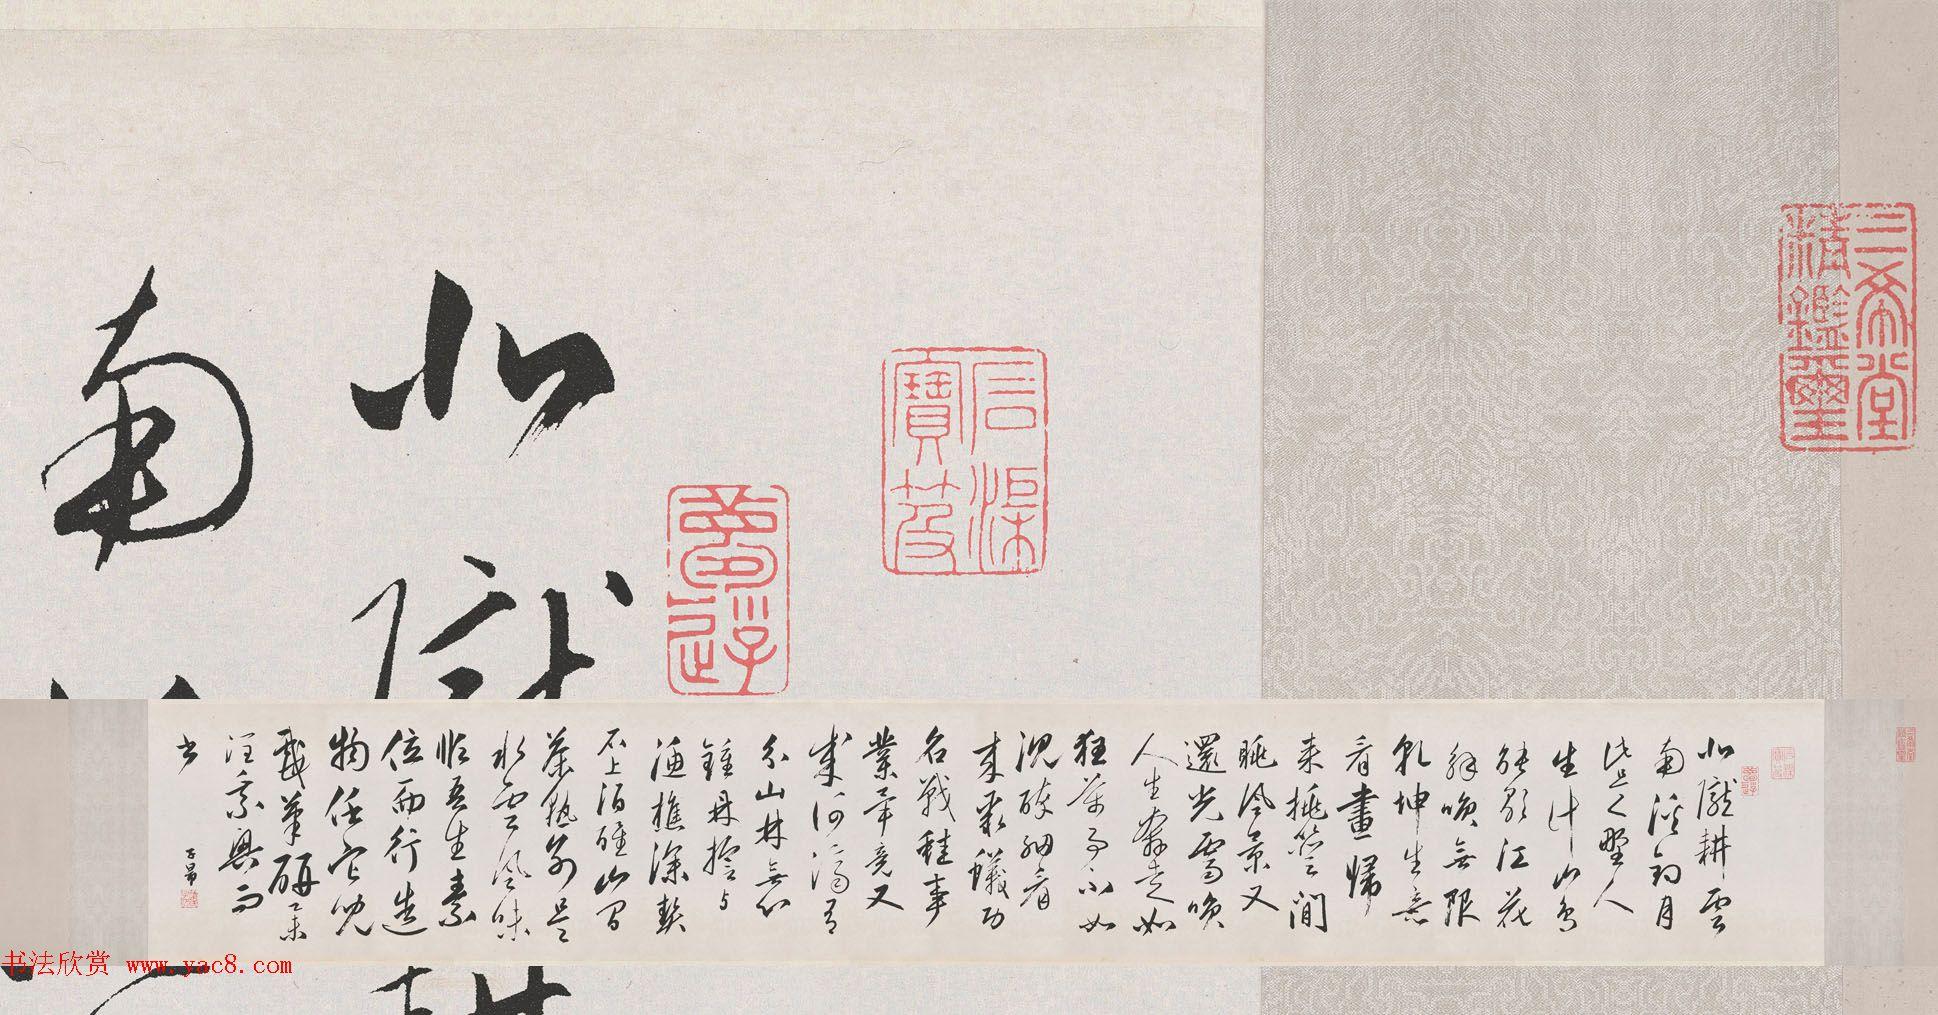 赵孟頫书法手卷《北陇耕云书卷》高清TIF